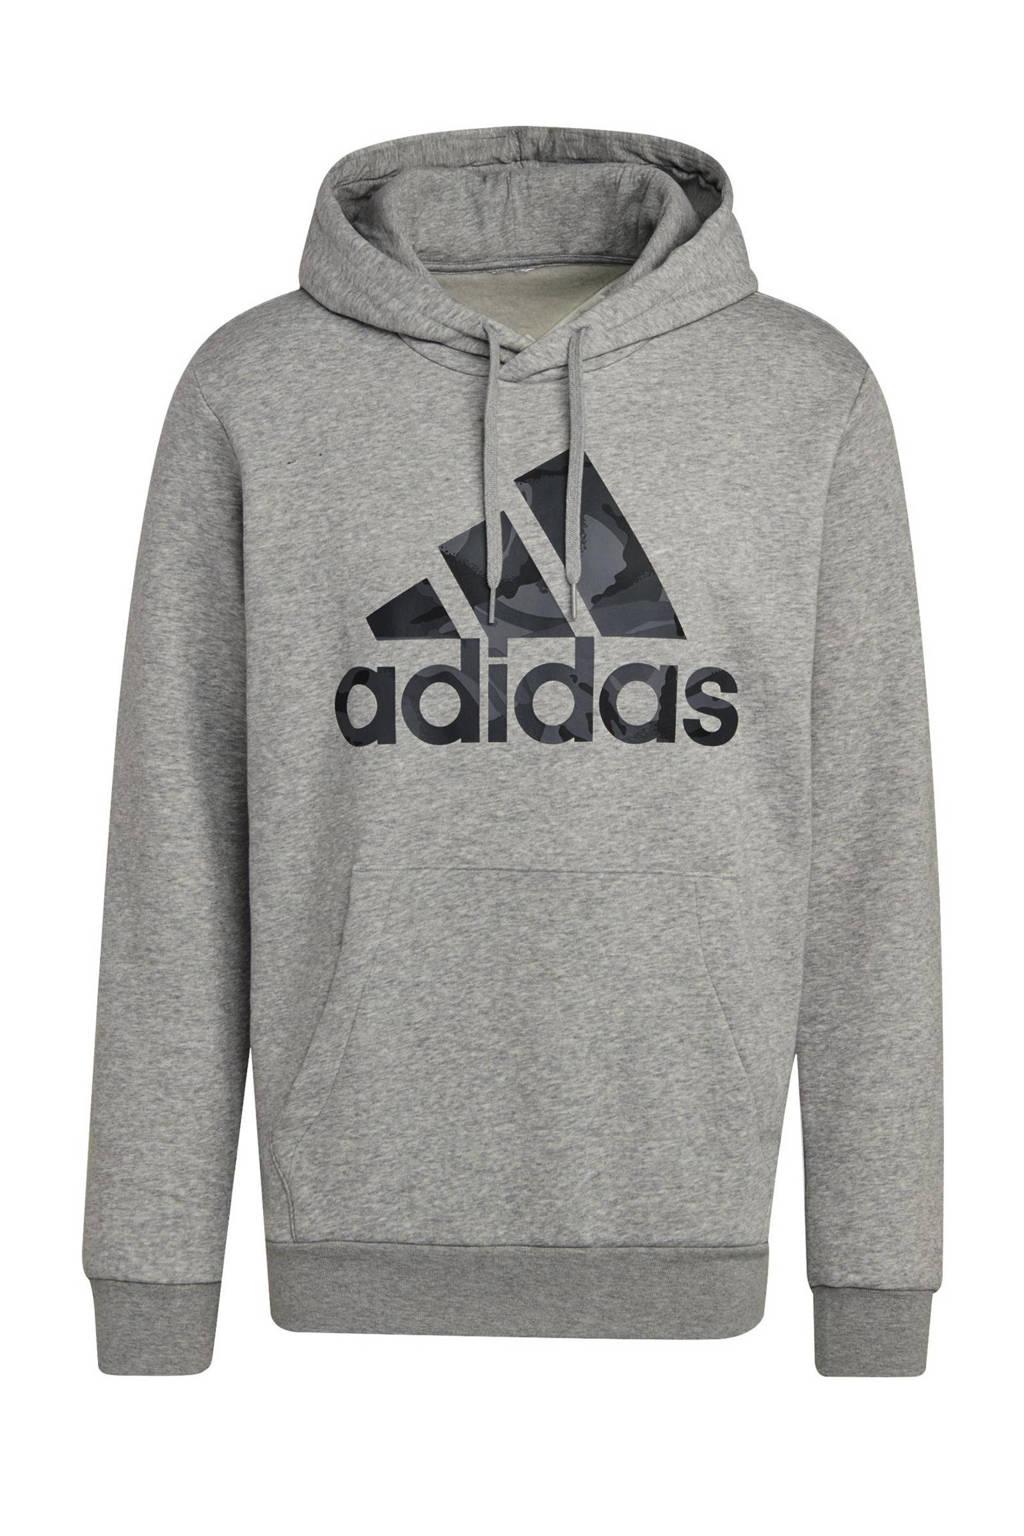 adidas Performance   fleece sportsweater grijs melange, Grijs melange